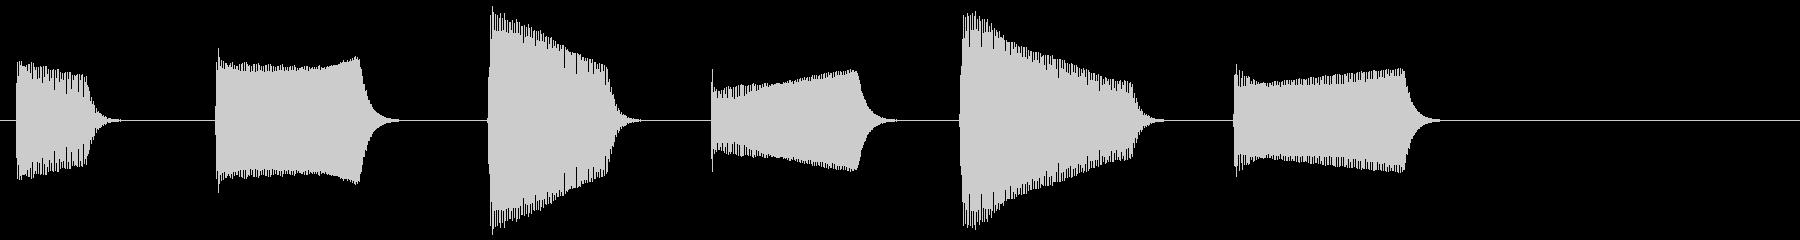 ピピピピピピ(目覚まし時計のアラーム音)の未再生の波形